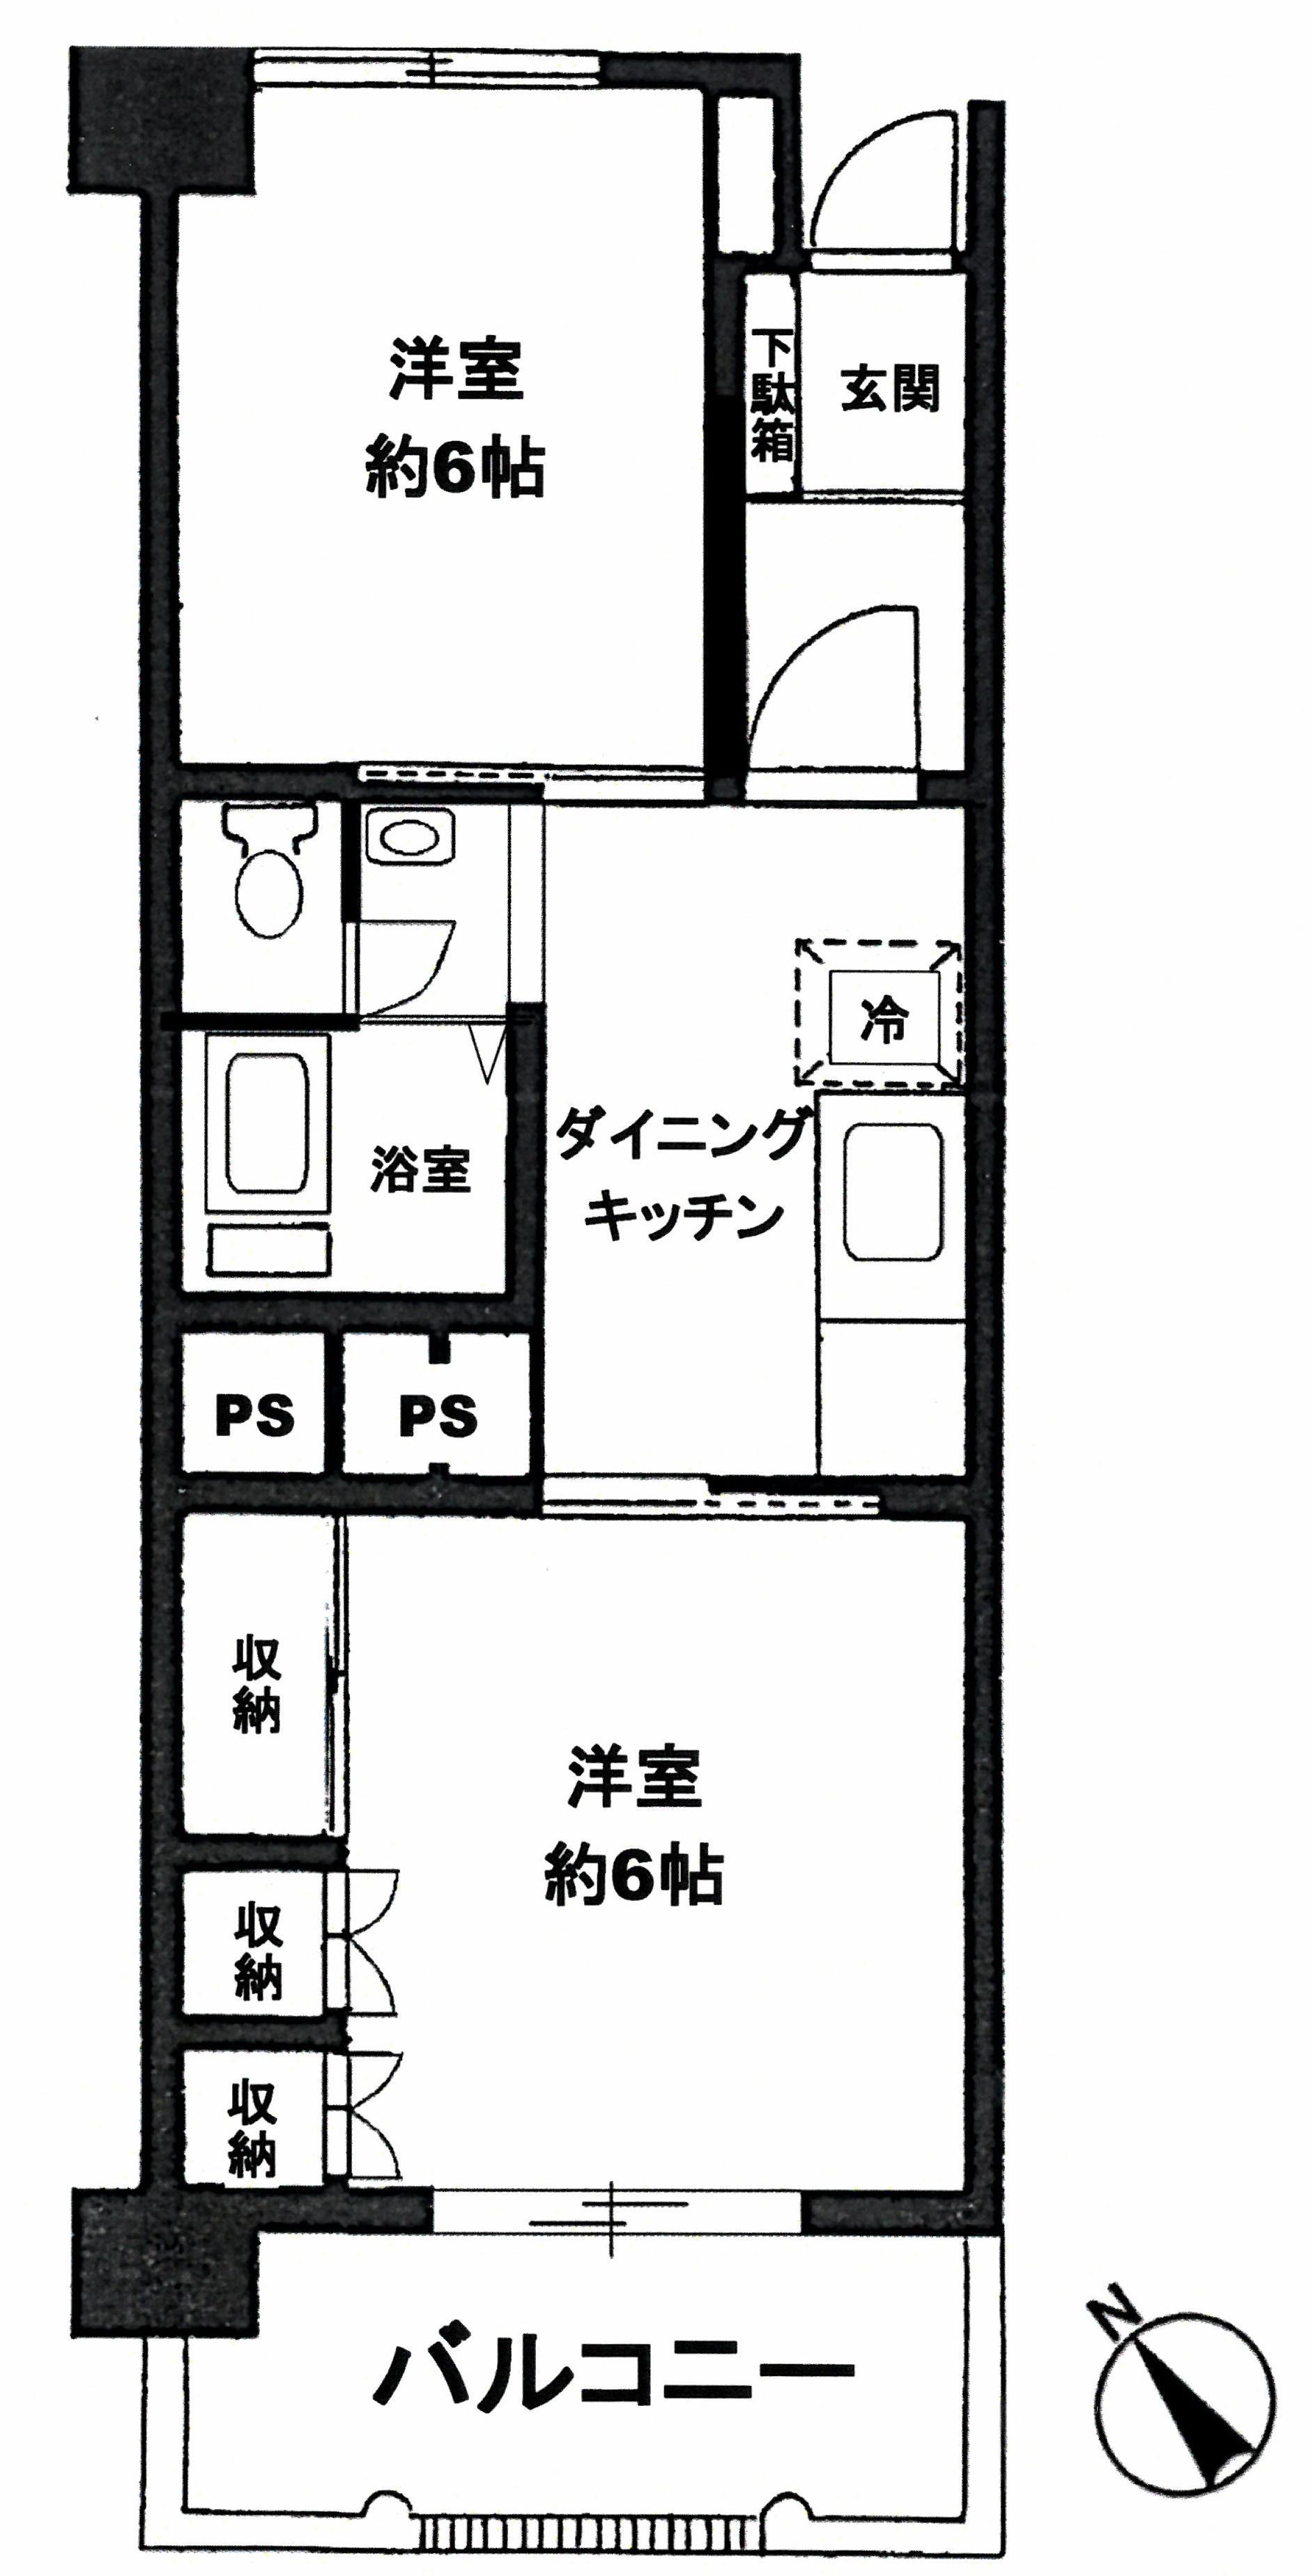 西落合ローヤルコーポ☆駅徒歩4分☆エレベーター有り